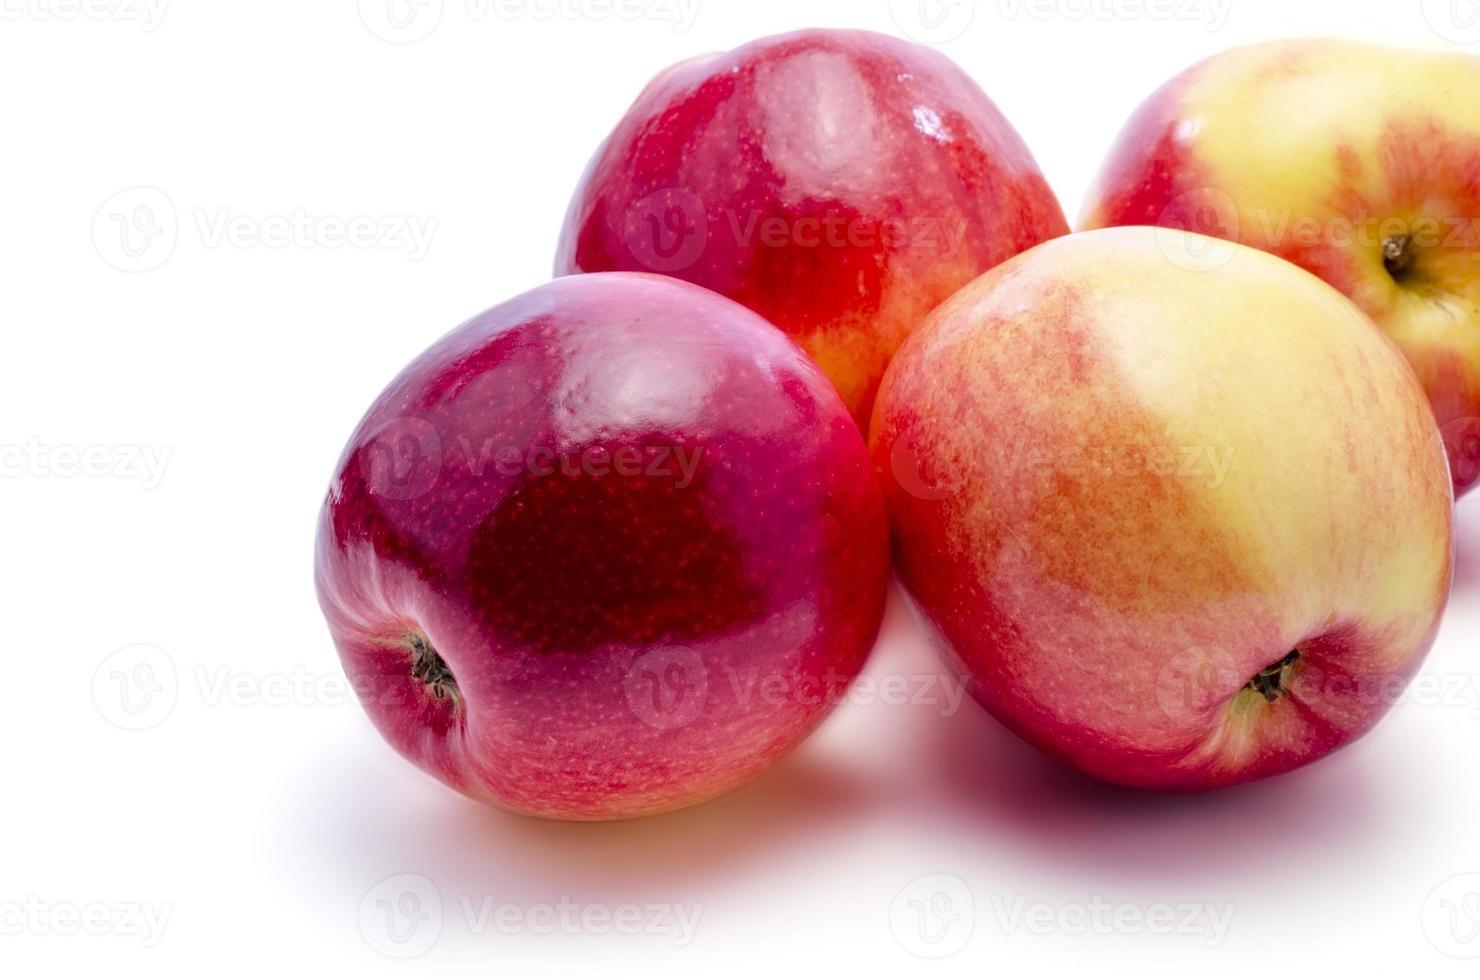 röda äpplen foto